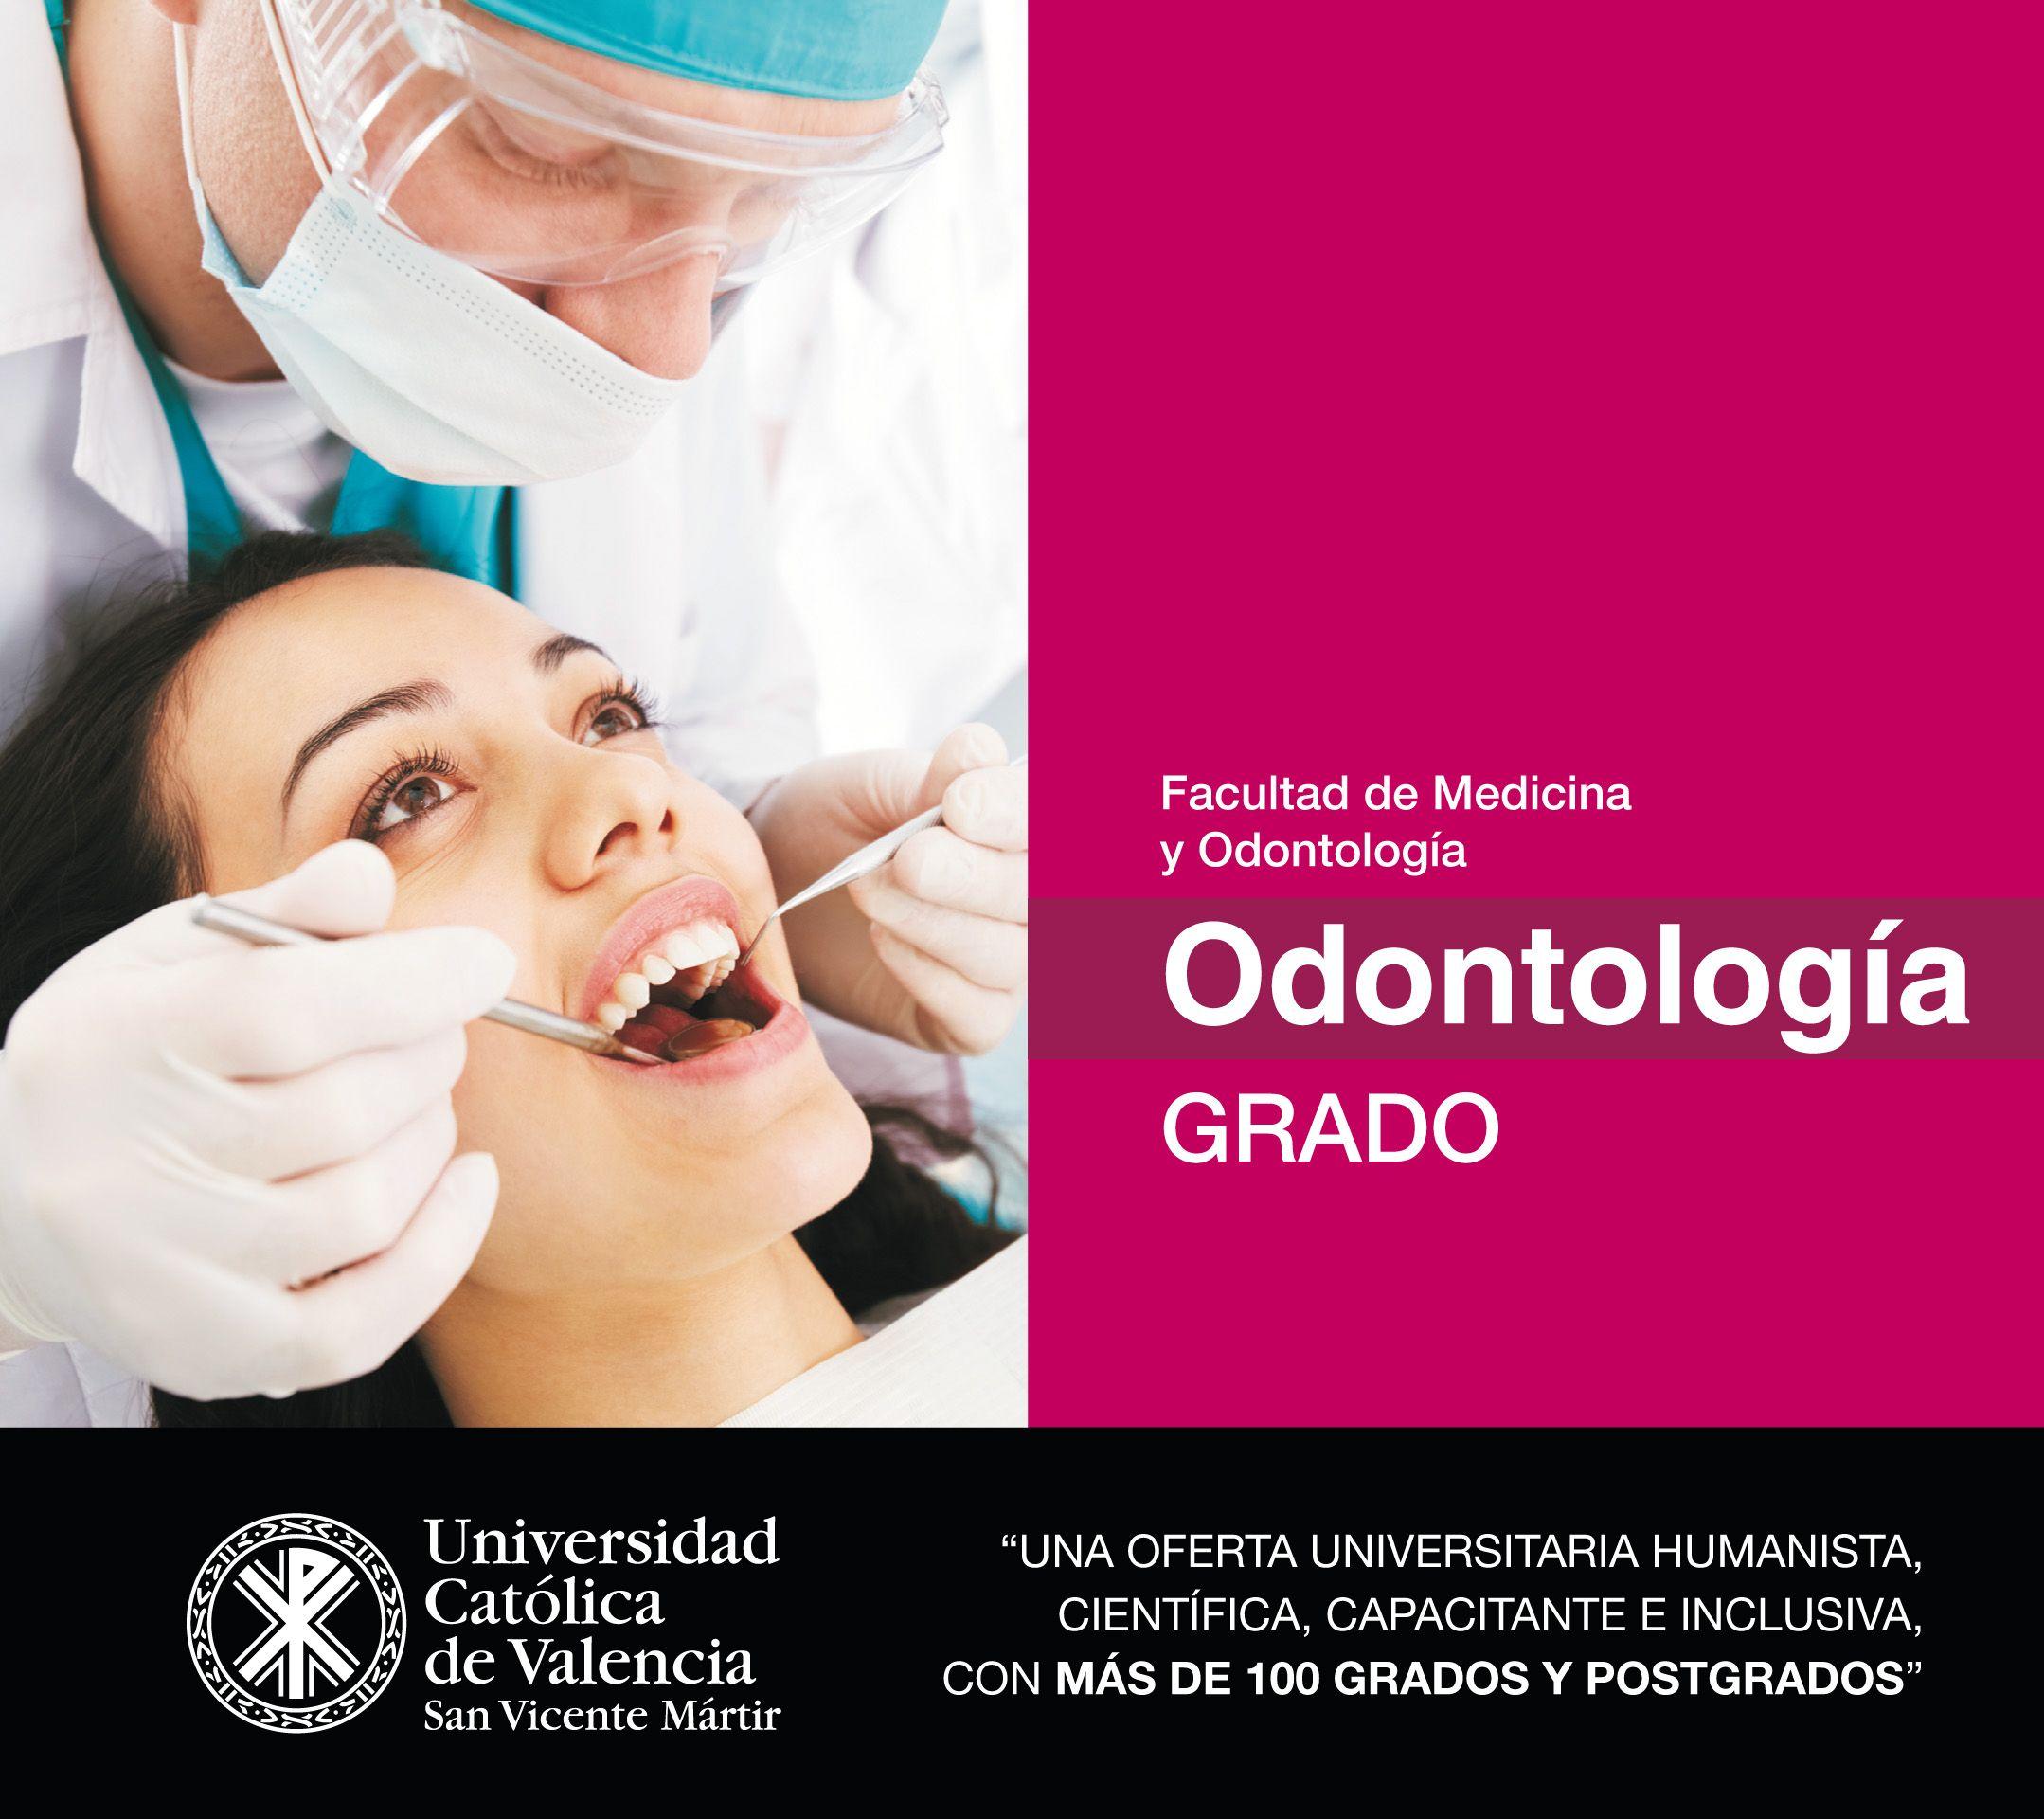 #Grado en #Odontología de la #UCV #FuturoUCV #TuGradoUCV